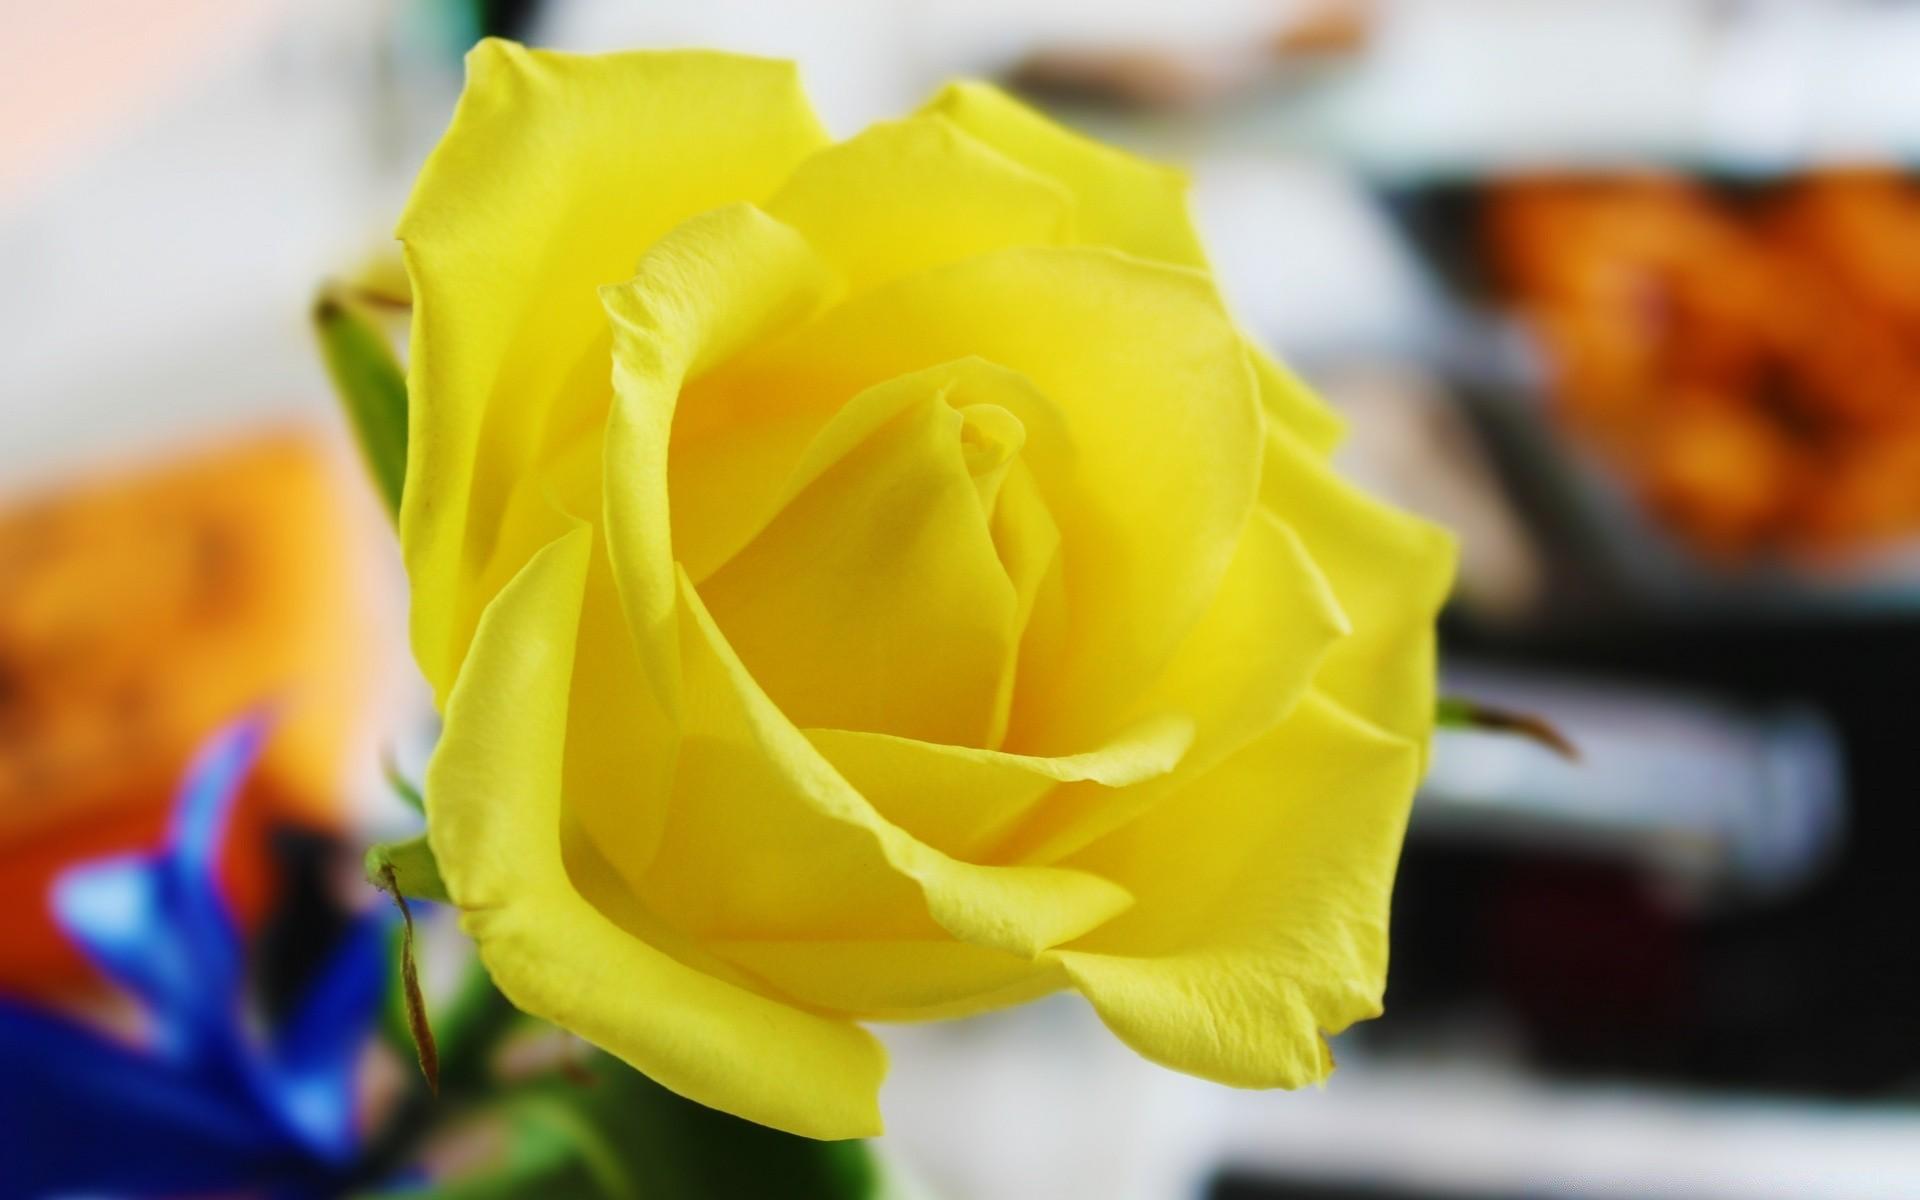 желтые розы фото на рабочий стол левом верхнем